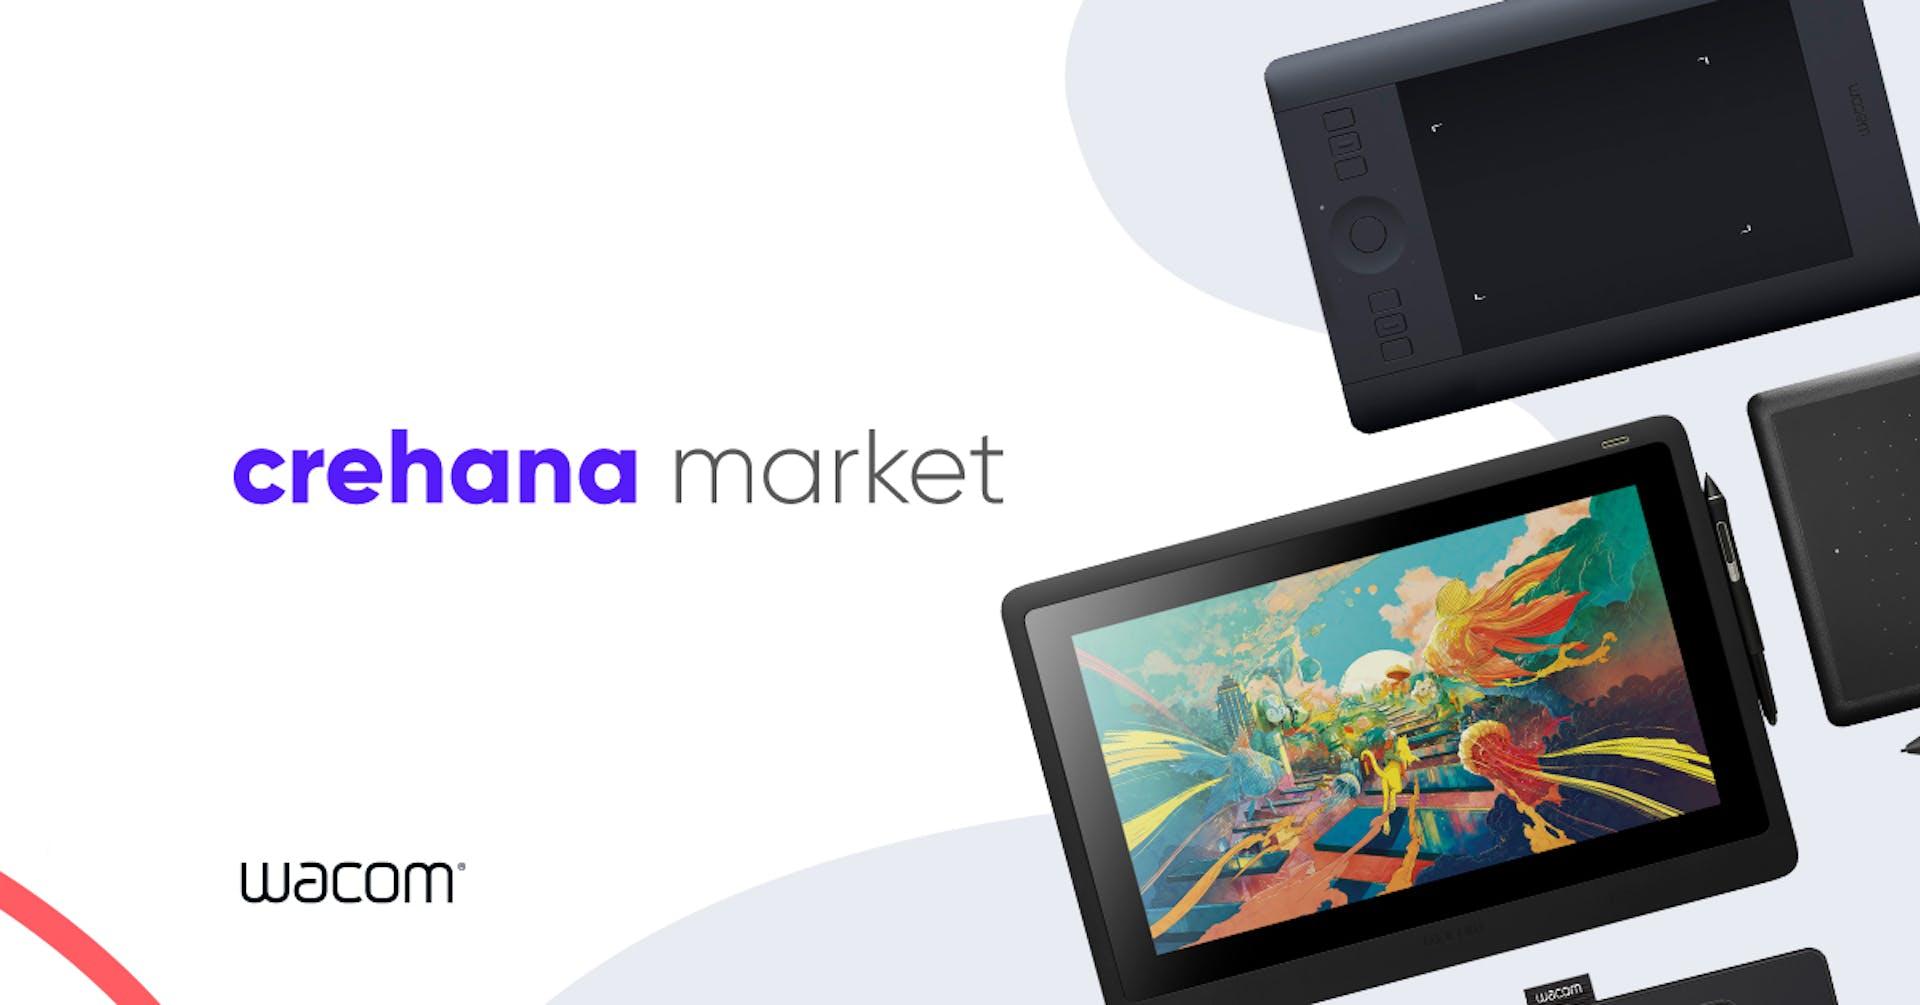 ¡Llegó el Crehana Market con los mejores precios!